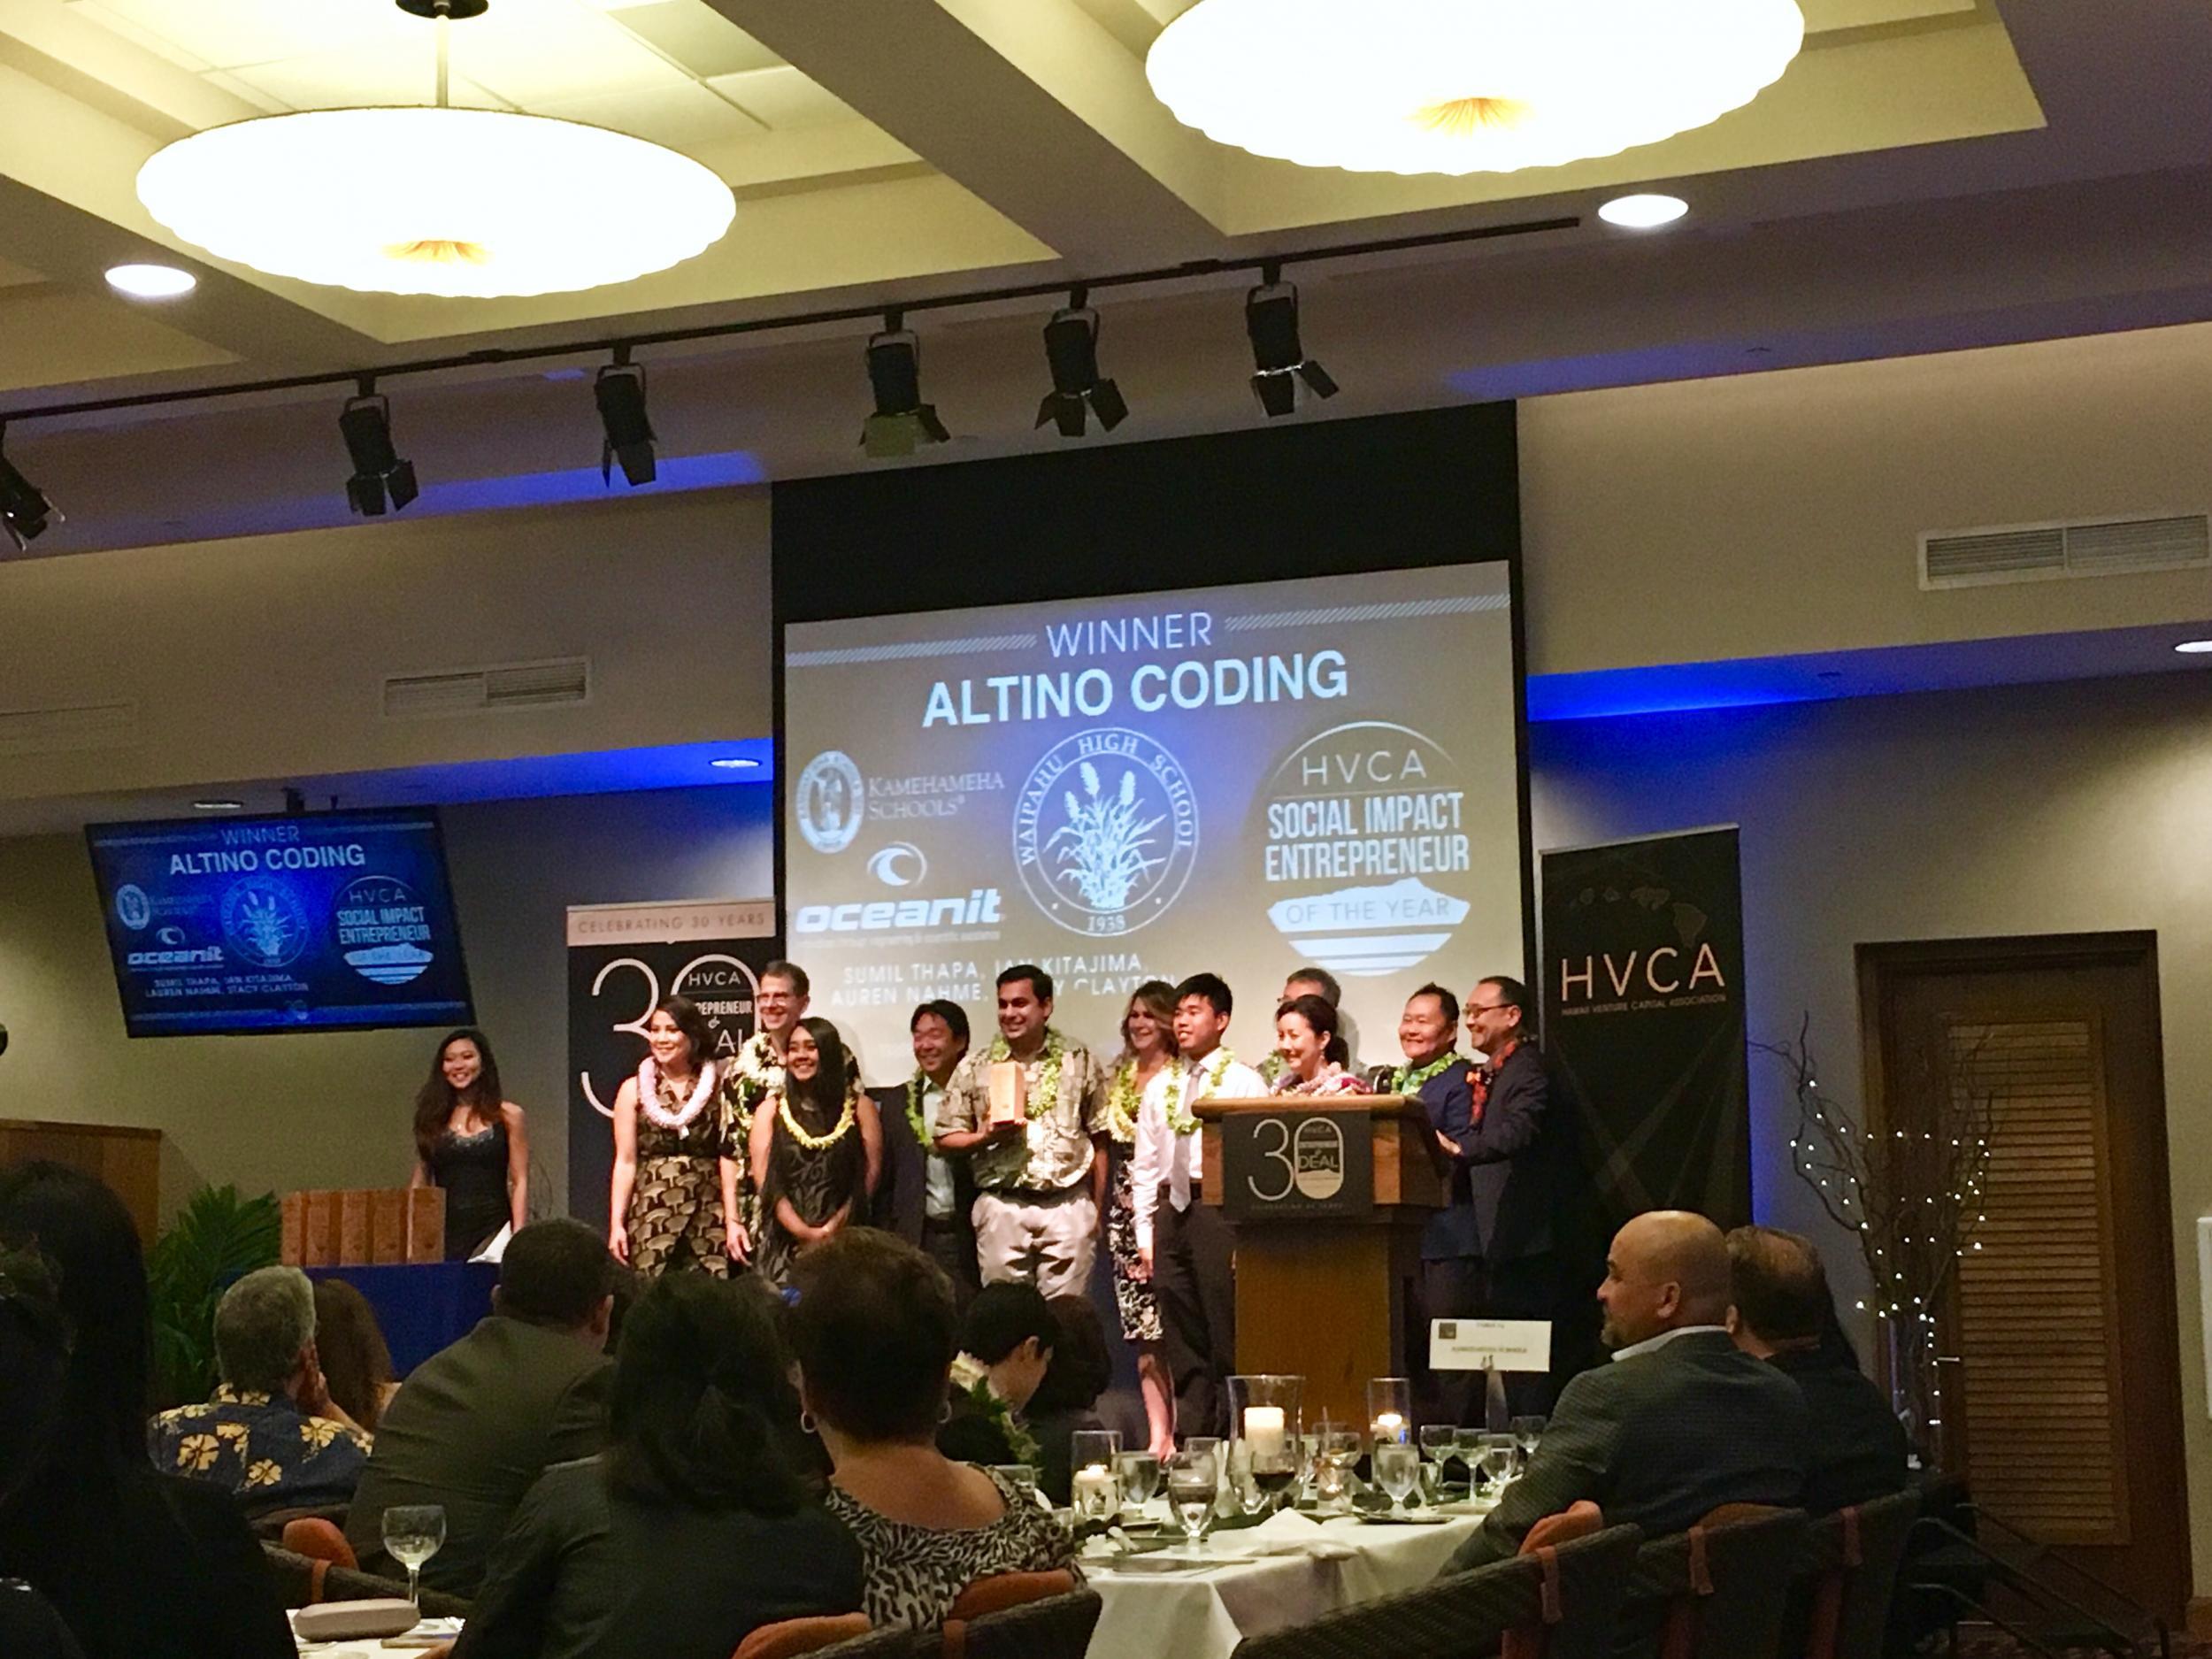 hvca awards